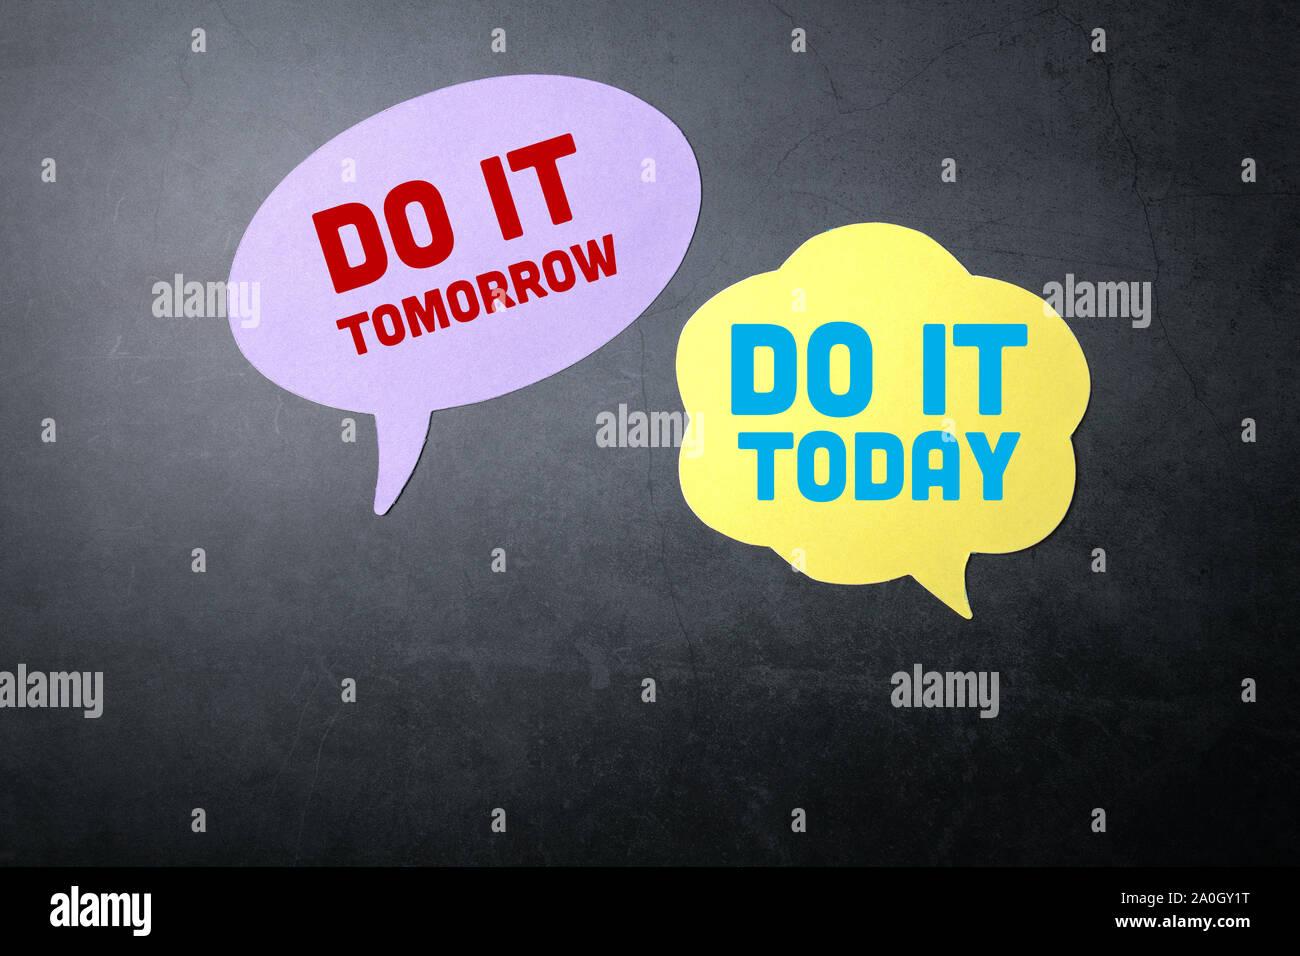 Le faire aujourd'hui ou demain. Bulles sur fond sombre Banque D'Images